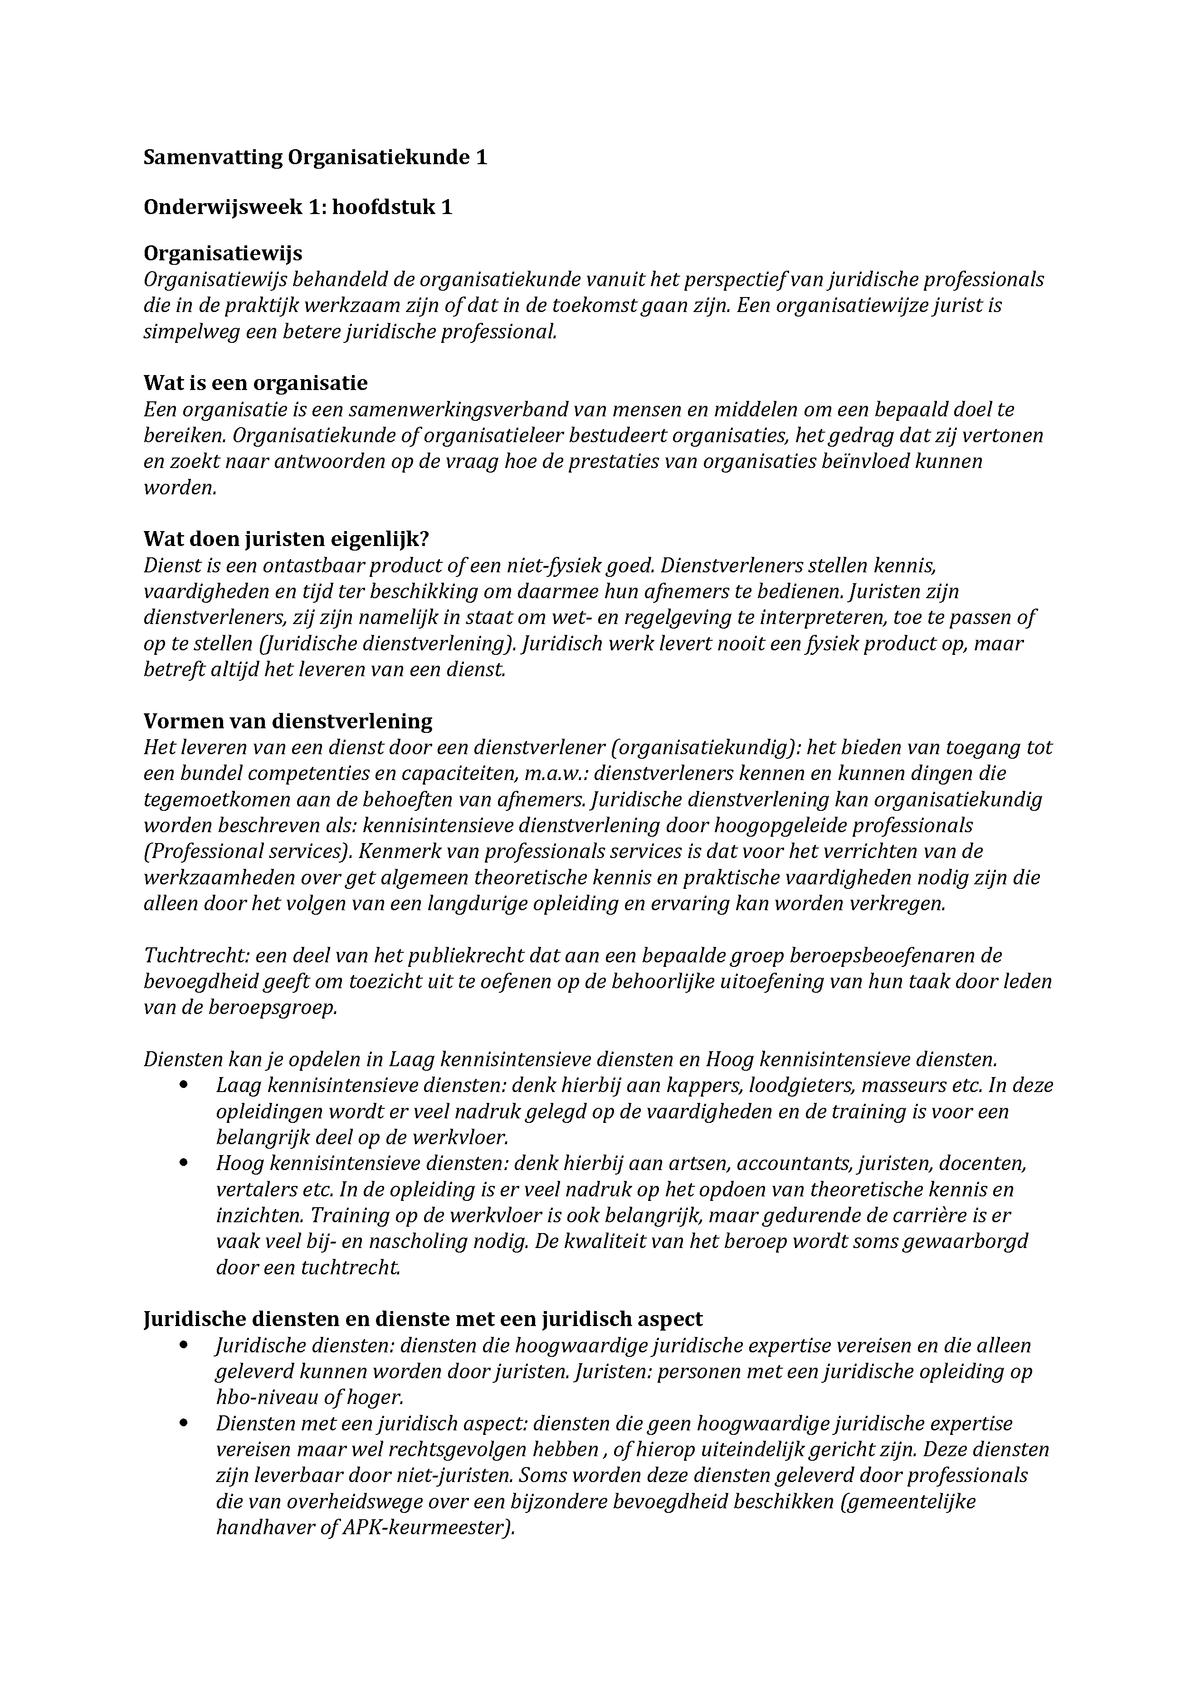 Wat zijn mijn rechten en plichten in de algemene bijstand?